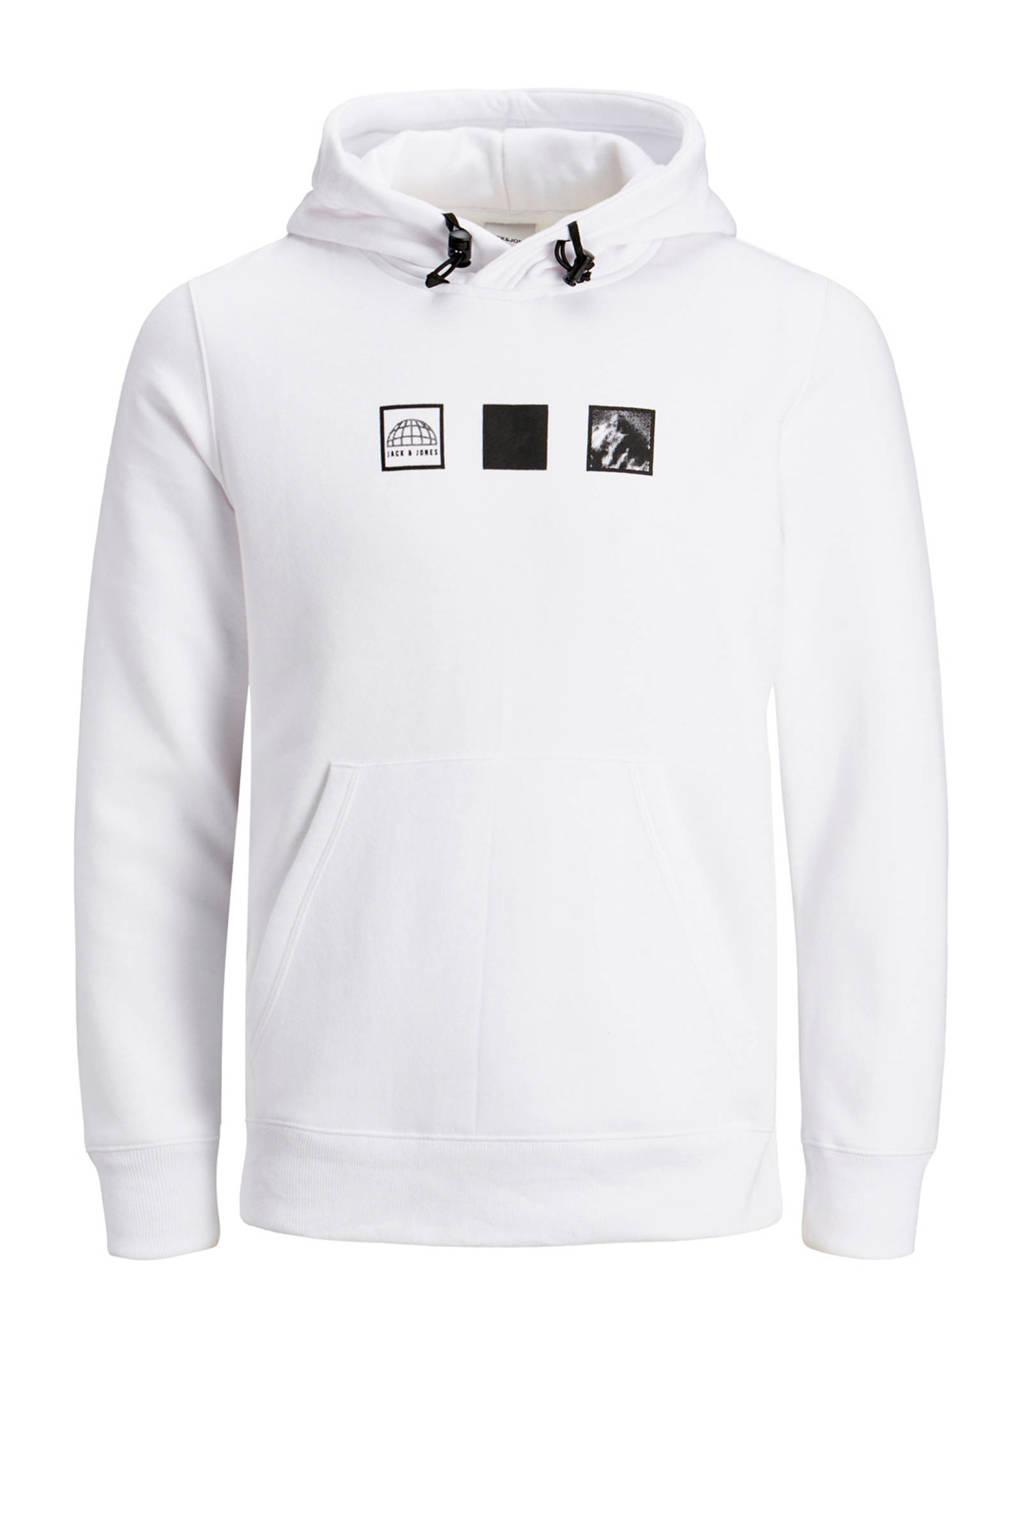 JACK & JONES CORE hoodie met printopdruk wit, Wit